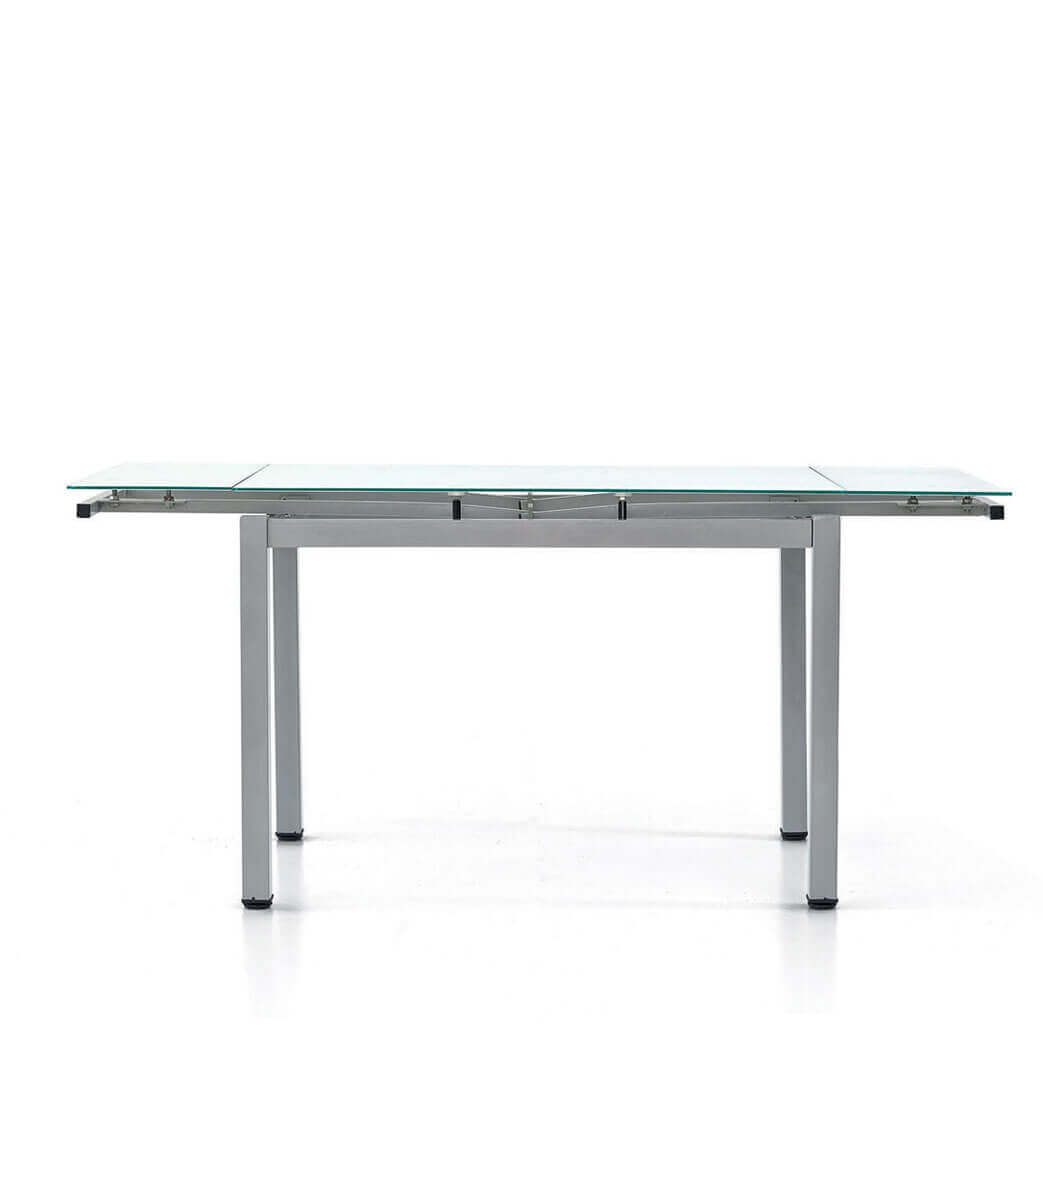 Tavolo Allungabile Acciaio Vetro.Tavolo Rettangolare Allungabile Piano In Vetro 6 8 Persone 110 170 Cm Spazio Casa